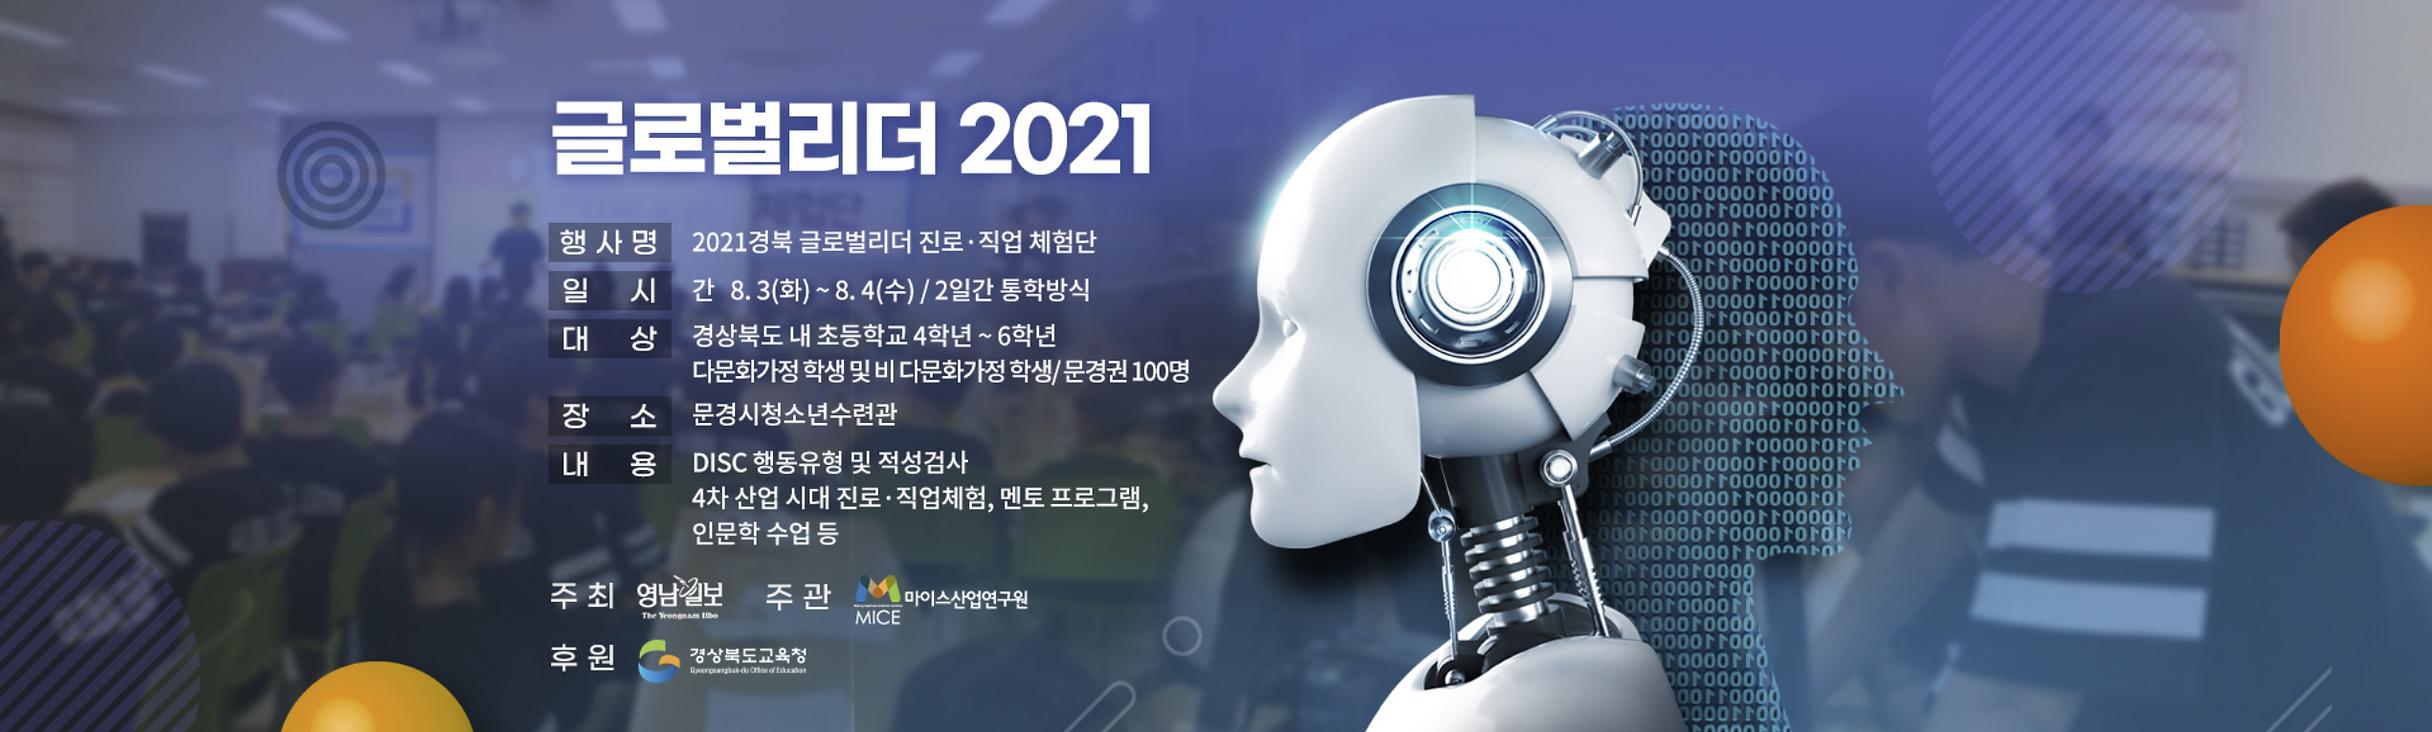 글로벌리더 2021.PNG